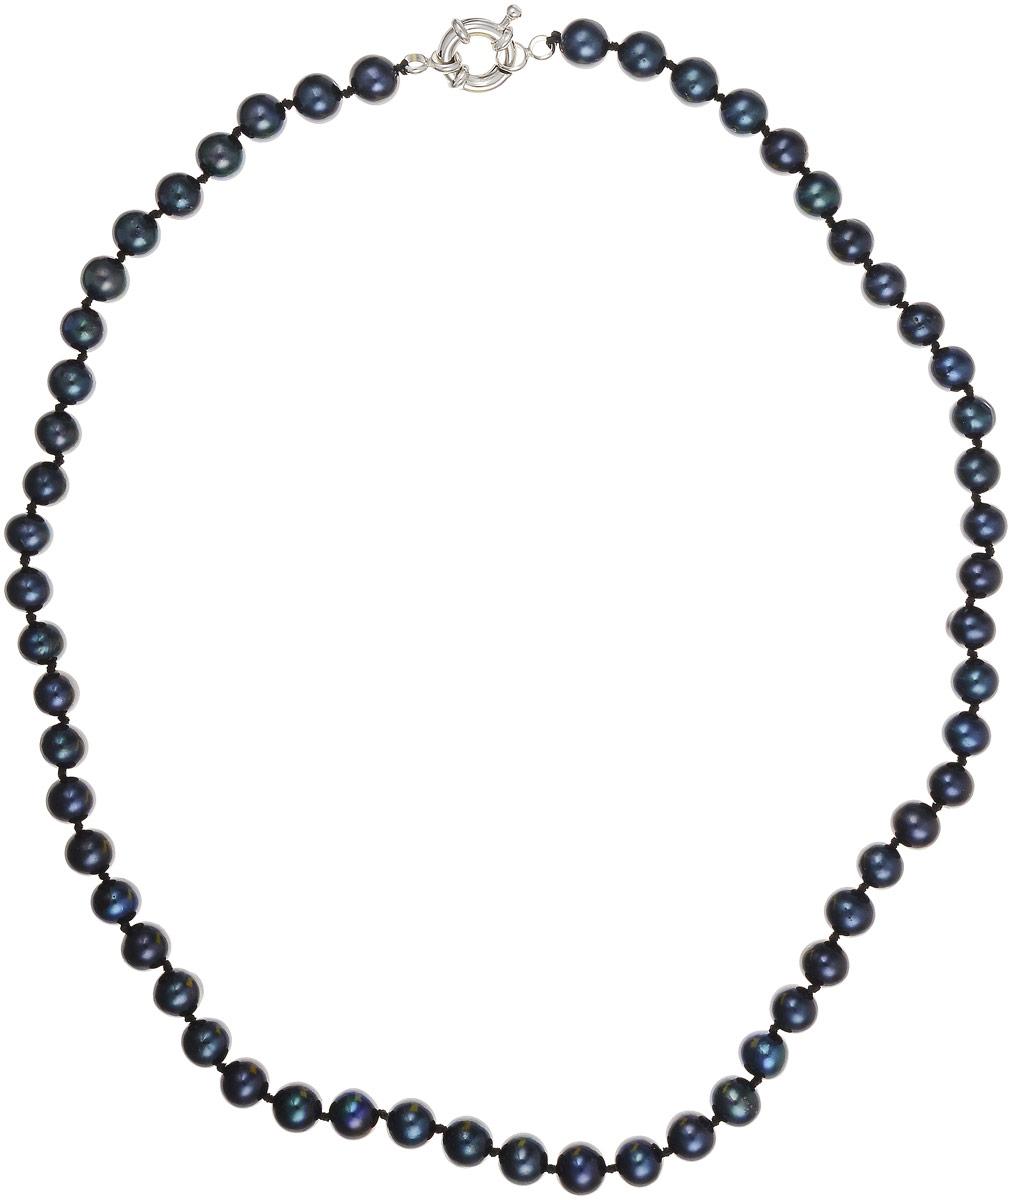 Бусы Art-Silver, цвет: черно-синий, длина 45 см. КЖ6-7АА+45-1173Бусы-ниткаБусы Art-Silver выполнены из культивированного жемчуга, нанизанного на текстильную нить. Украшение застегивается на практичный шпренгельный замок.Мелкие бусины диаметром 6-8 мм из натурального культивированного жемчуга благородного черного цвета с синим отливом имеют слегка неоднородную форму, что подчеркивает естественное происхождение жемчужин.